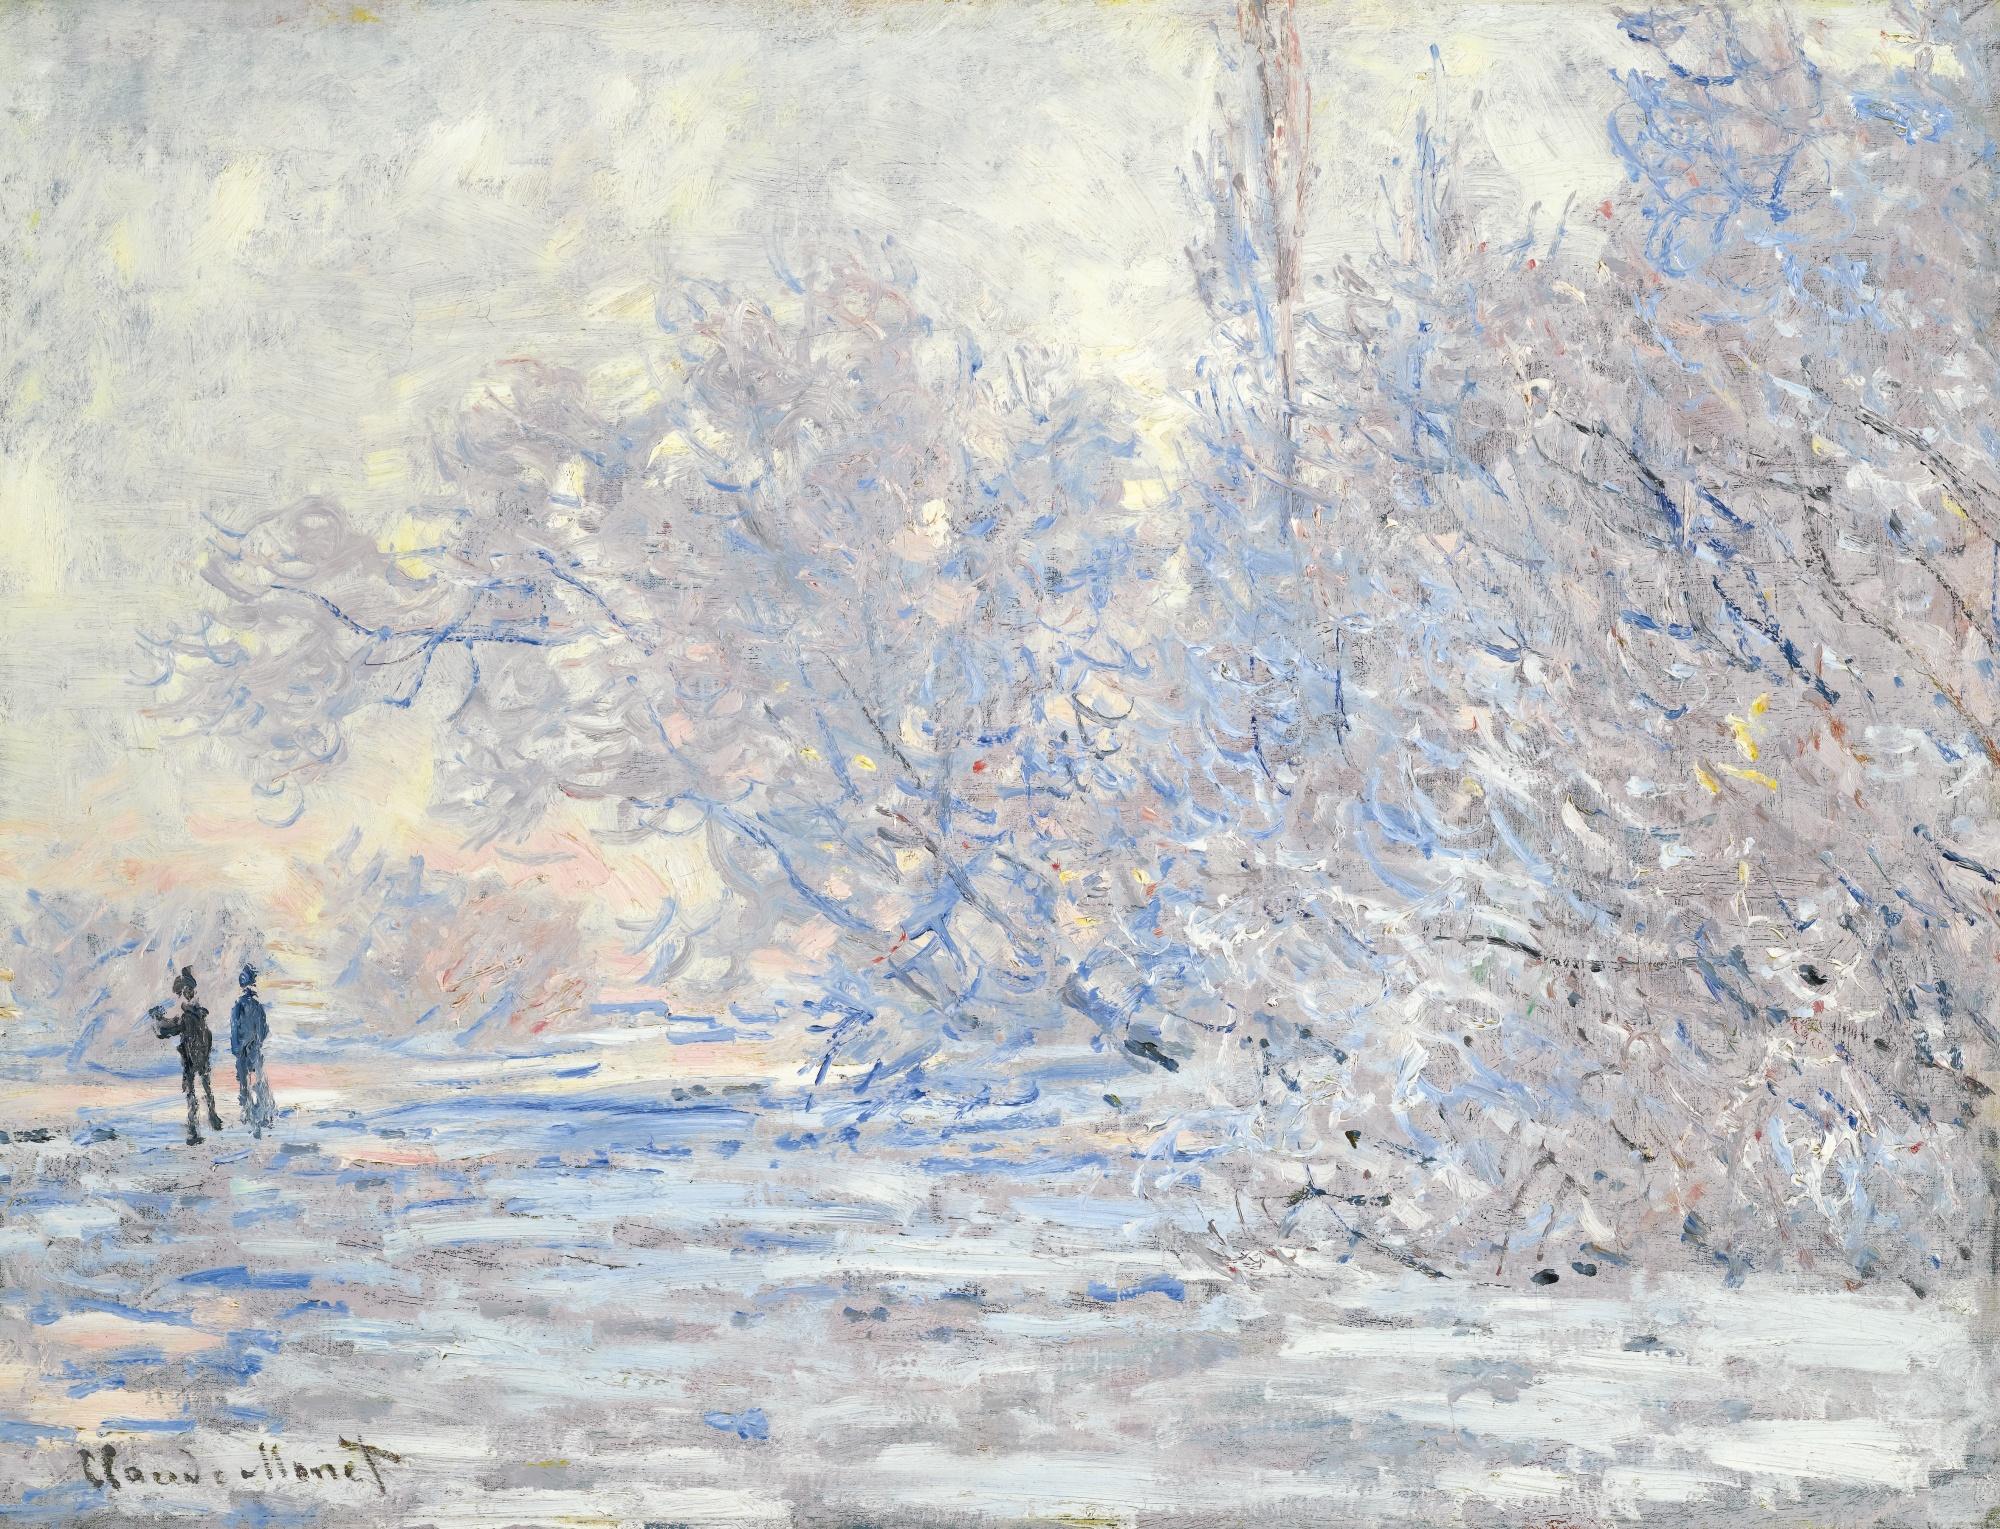 Frost in Giverny (Le Givre à Giverny) - Claude Monet, collezione privata